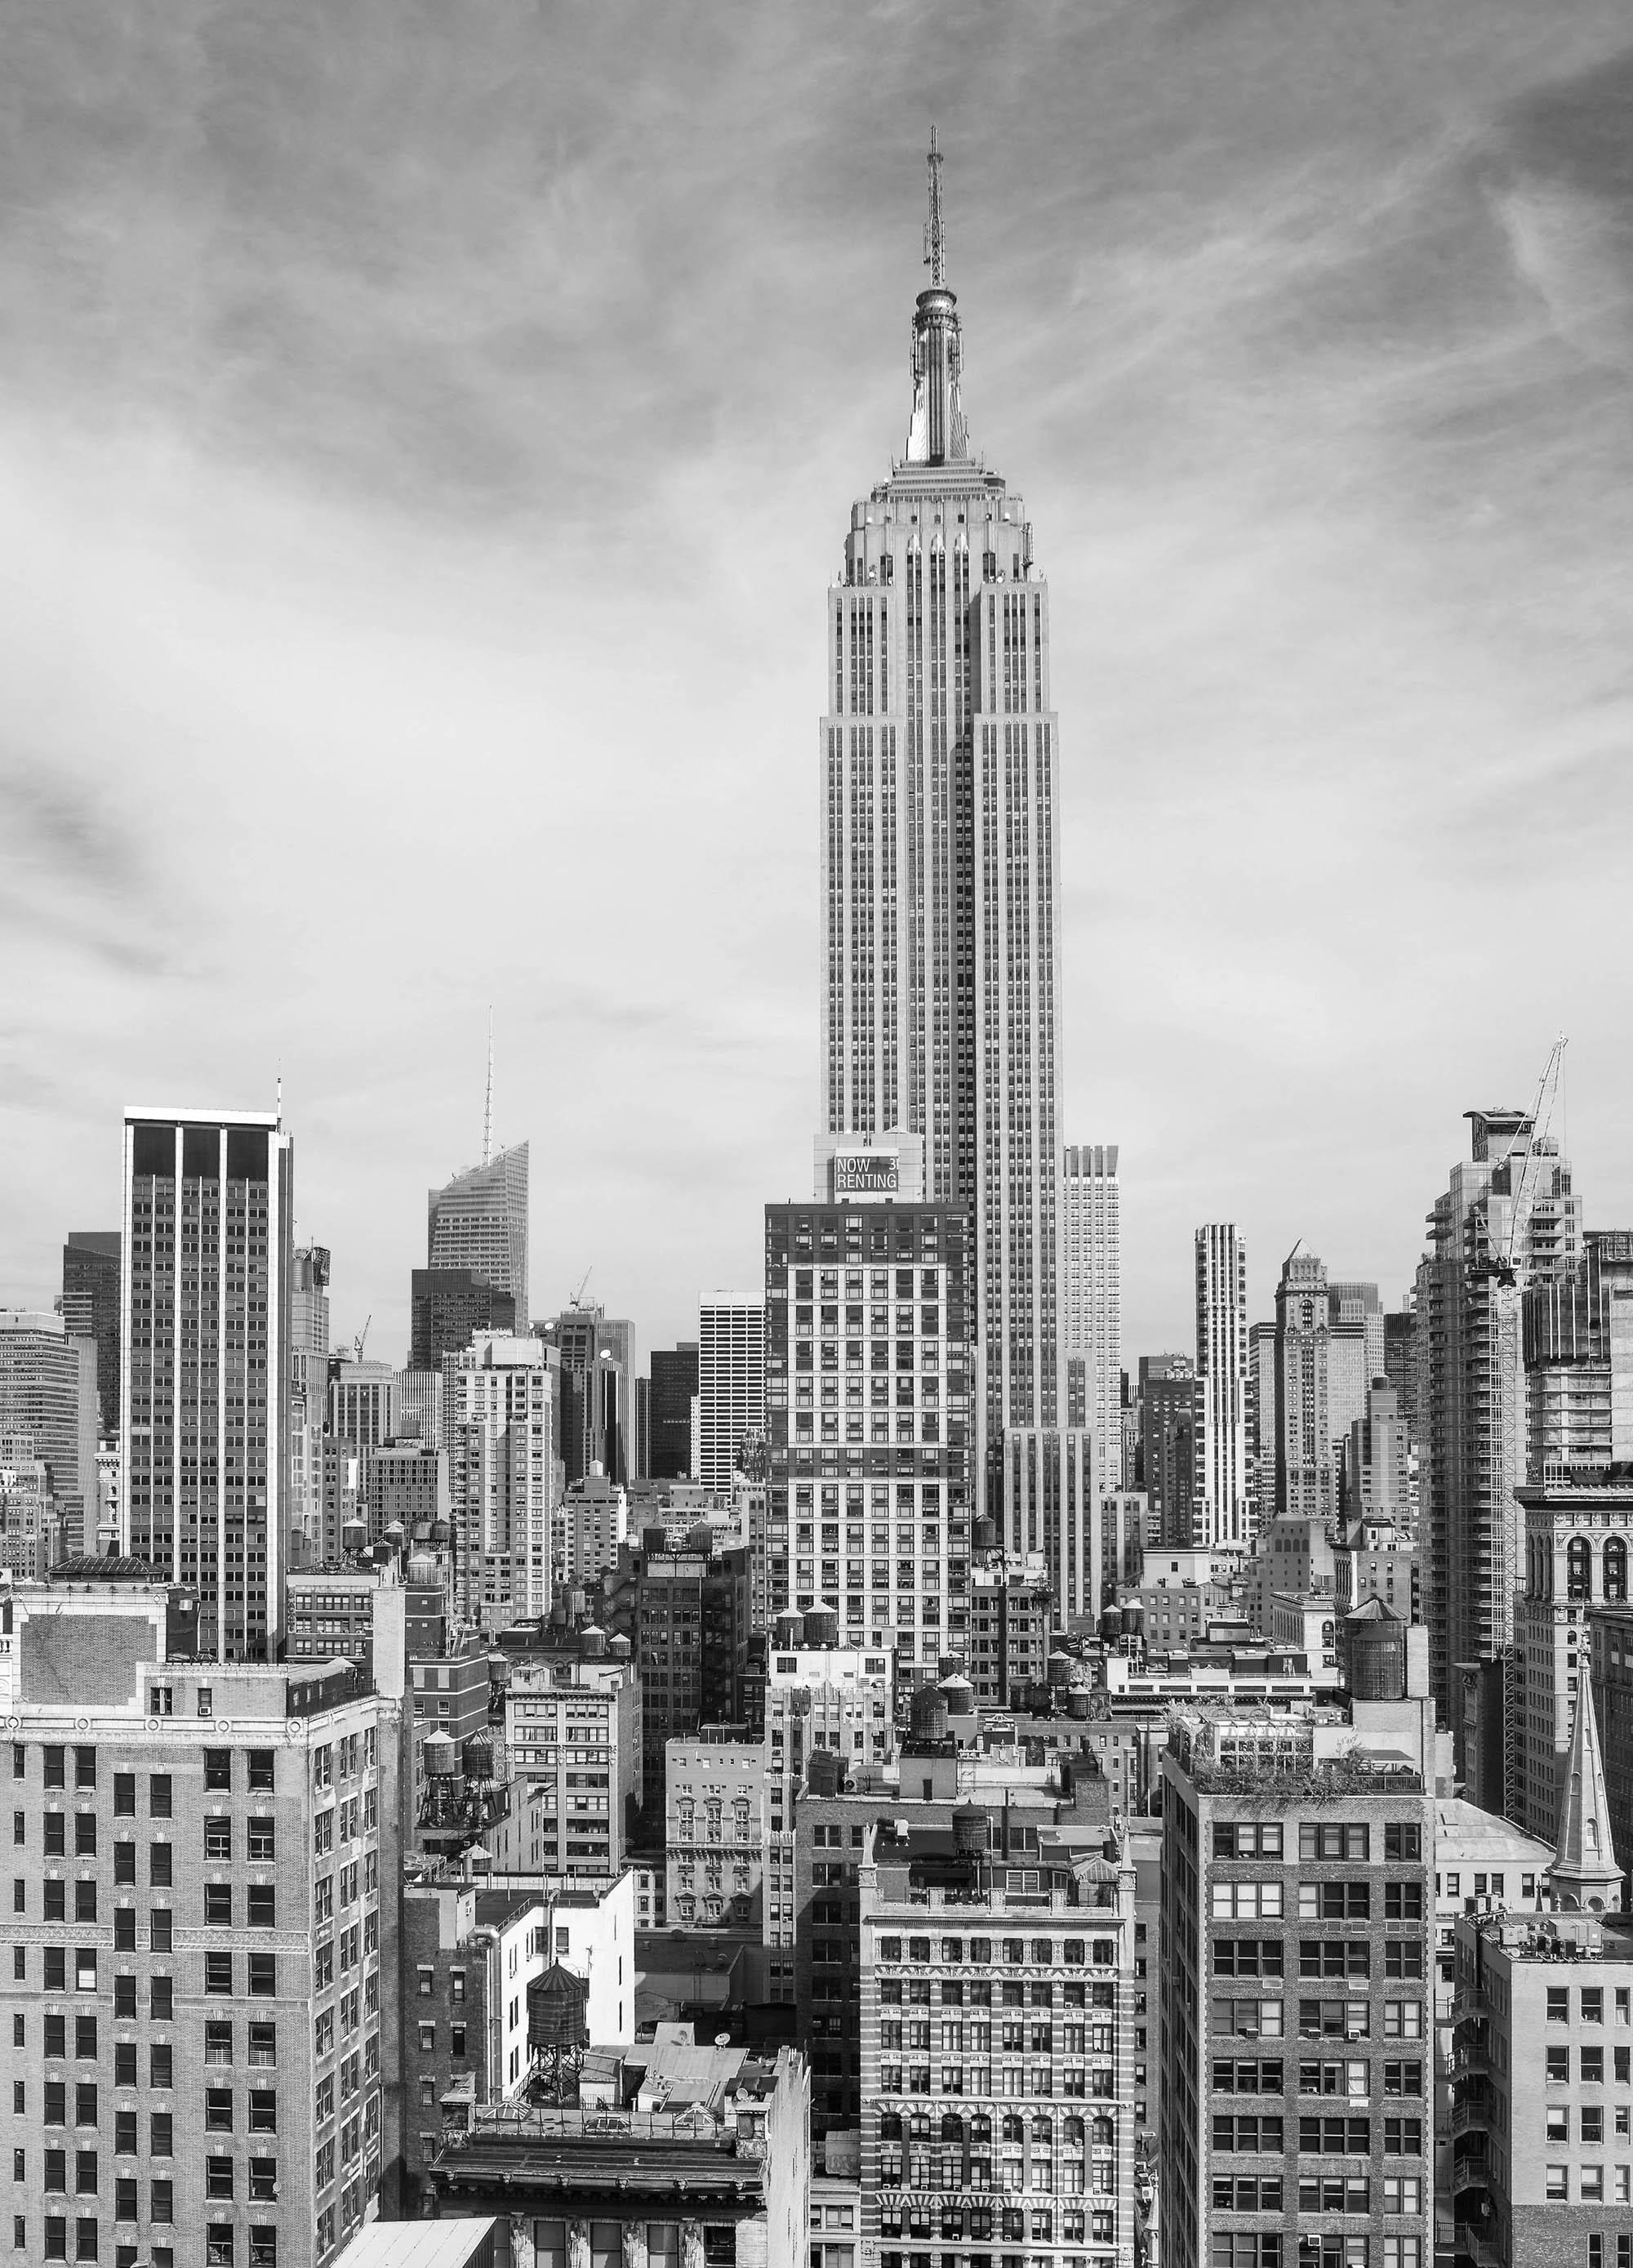 Fototapete skyline schwarz weiß  Fototapete EMPIRE STATE BUILDING 183 x 254 cm New-York, Skyline ...